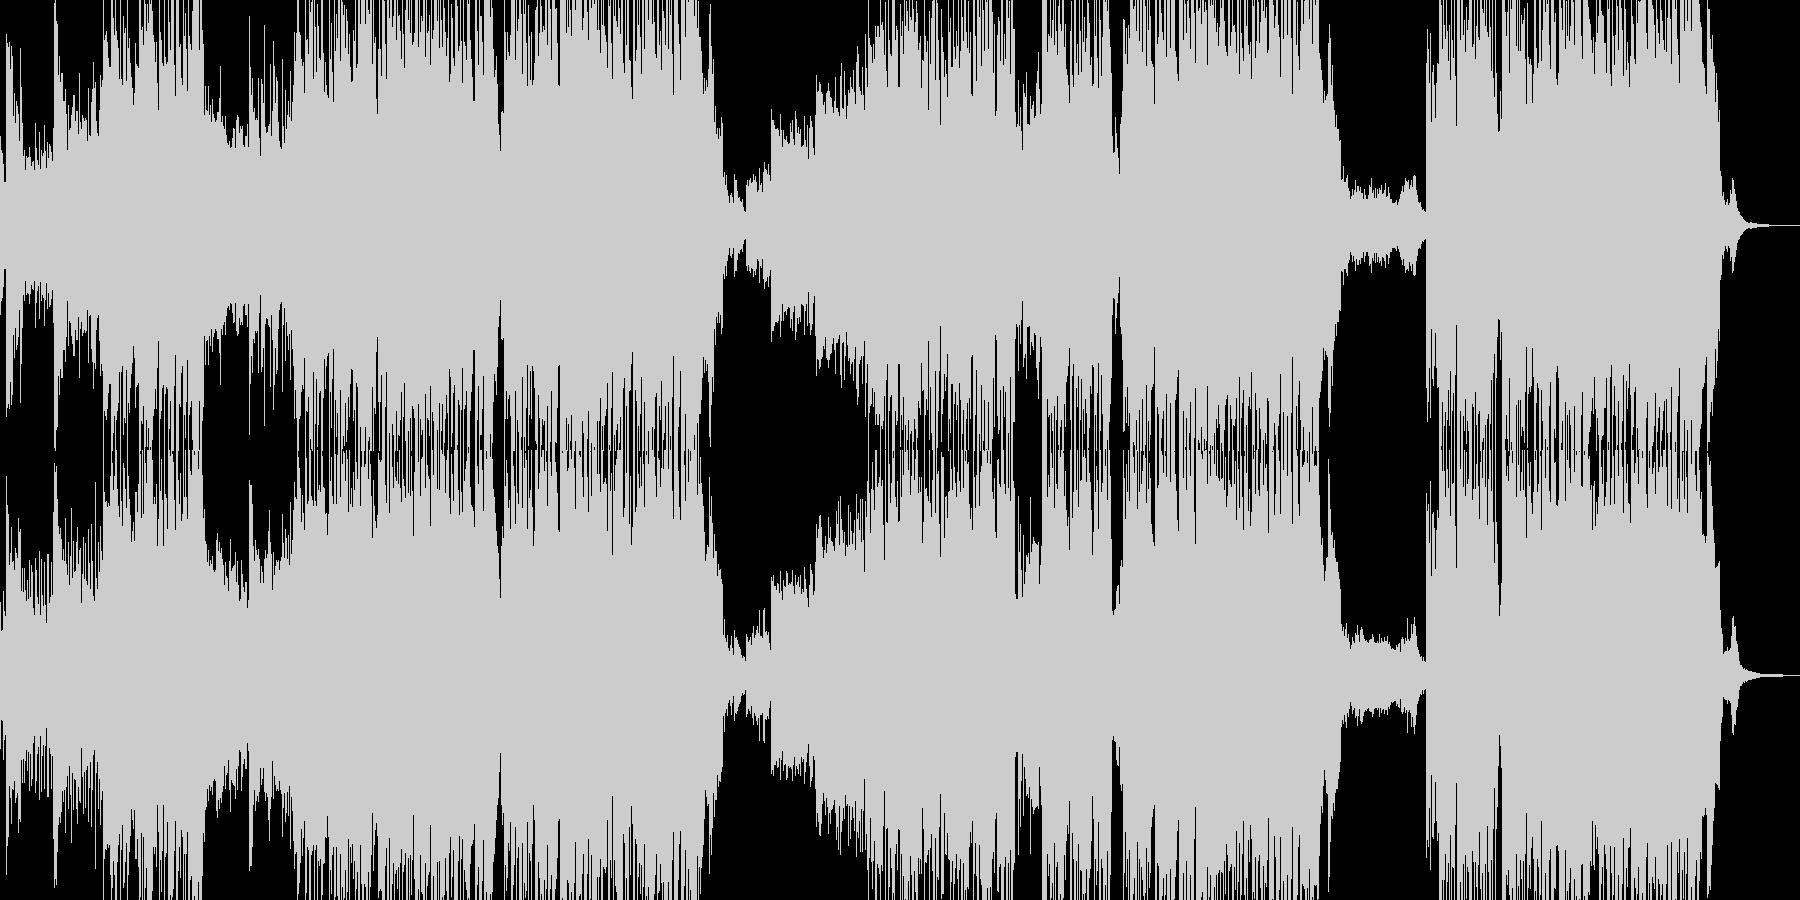 ✽雪が一面に広がるイメージ✽の未再生の波形